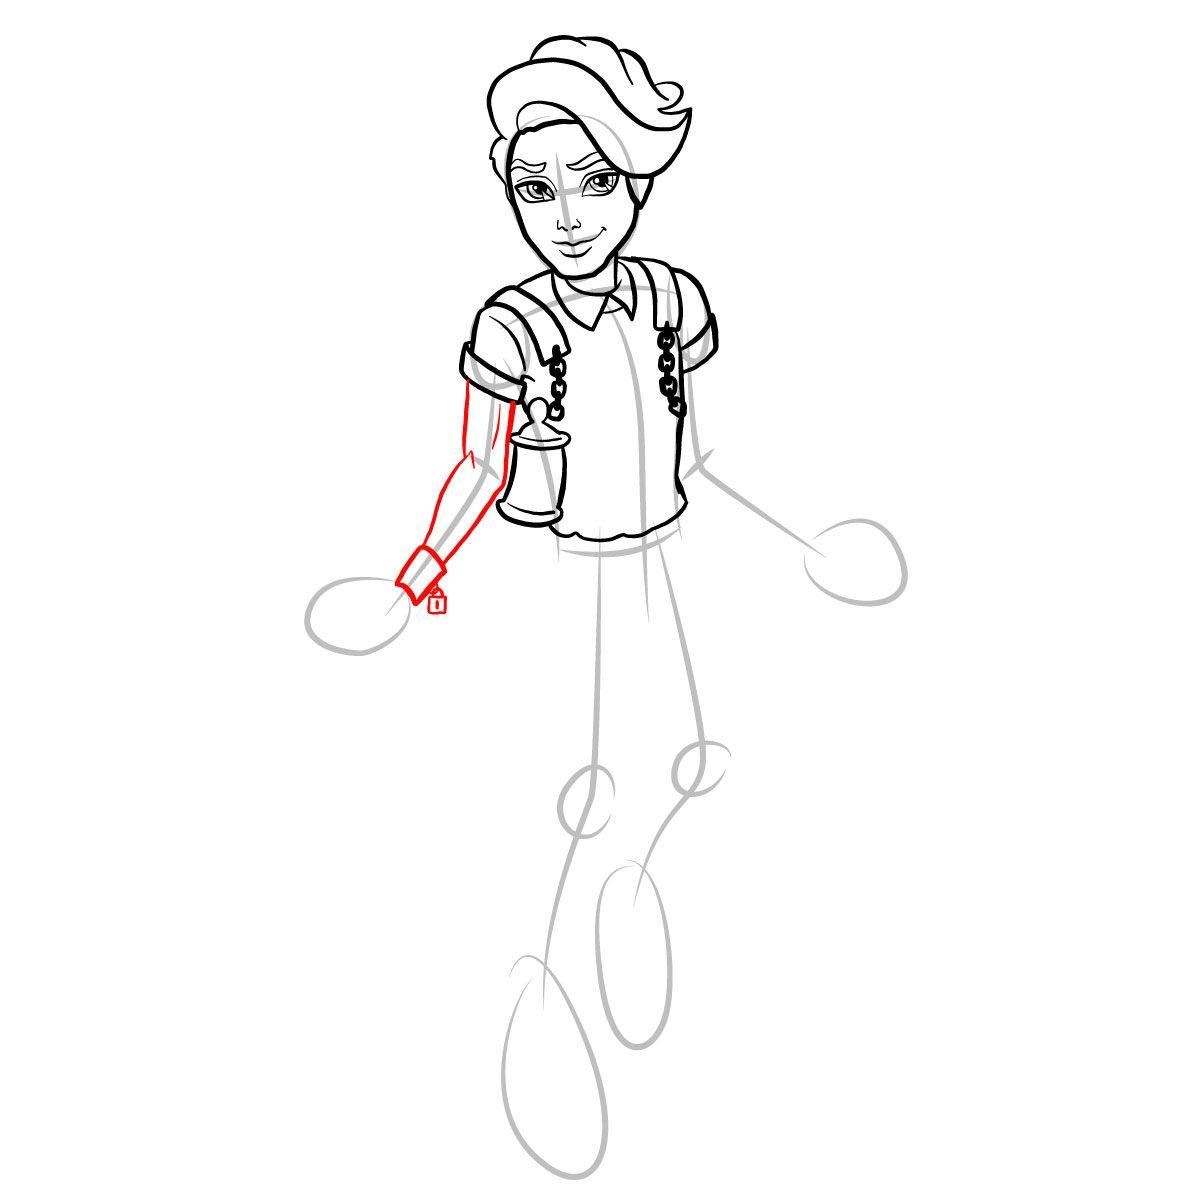 Как нарисовать Портера Гейсса 10